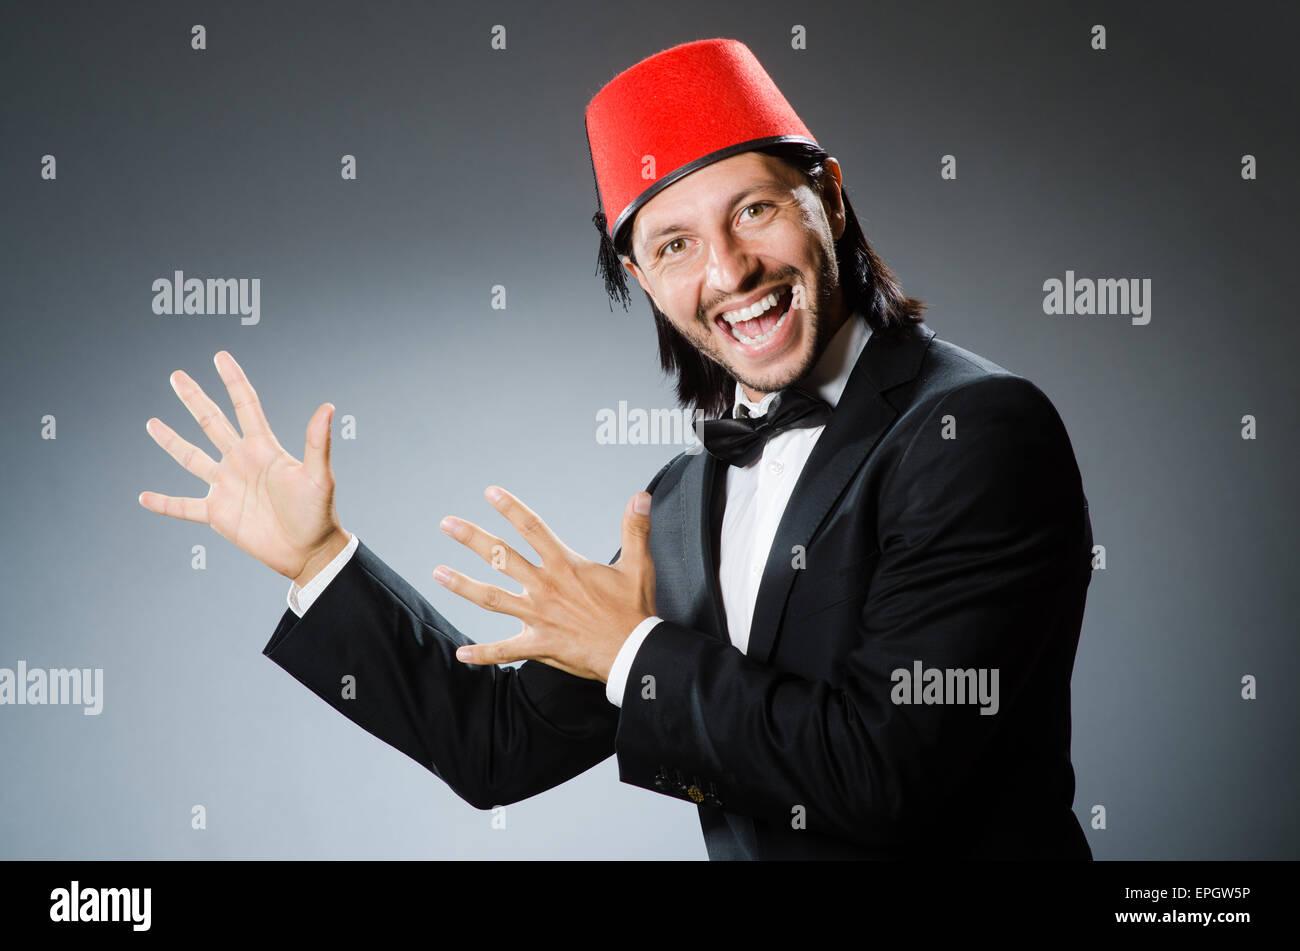 Turkish Man In Fez Hat Stock Photos & Turkish Man In Fez Hat